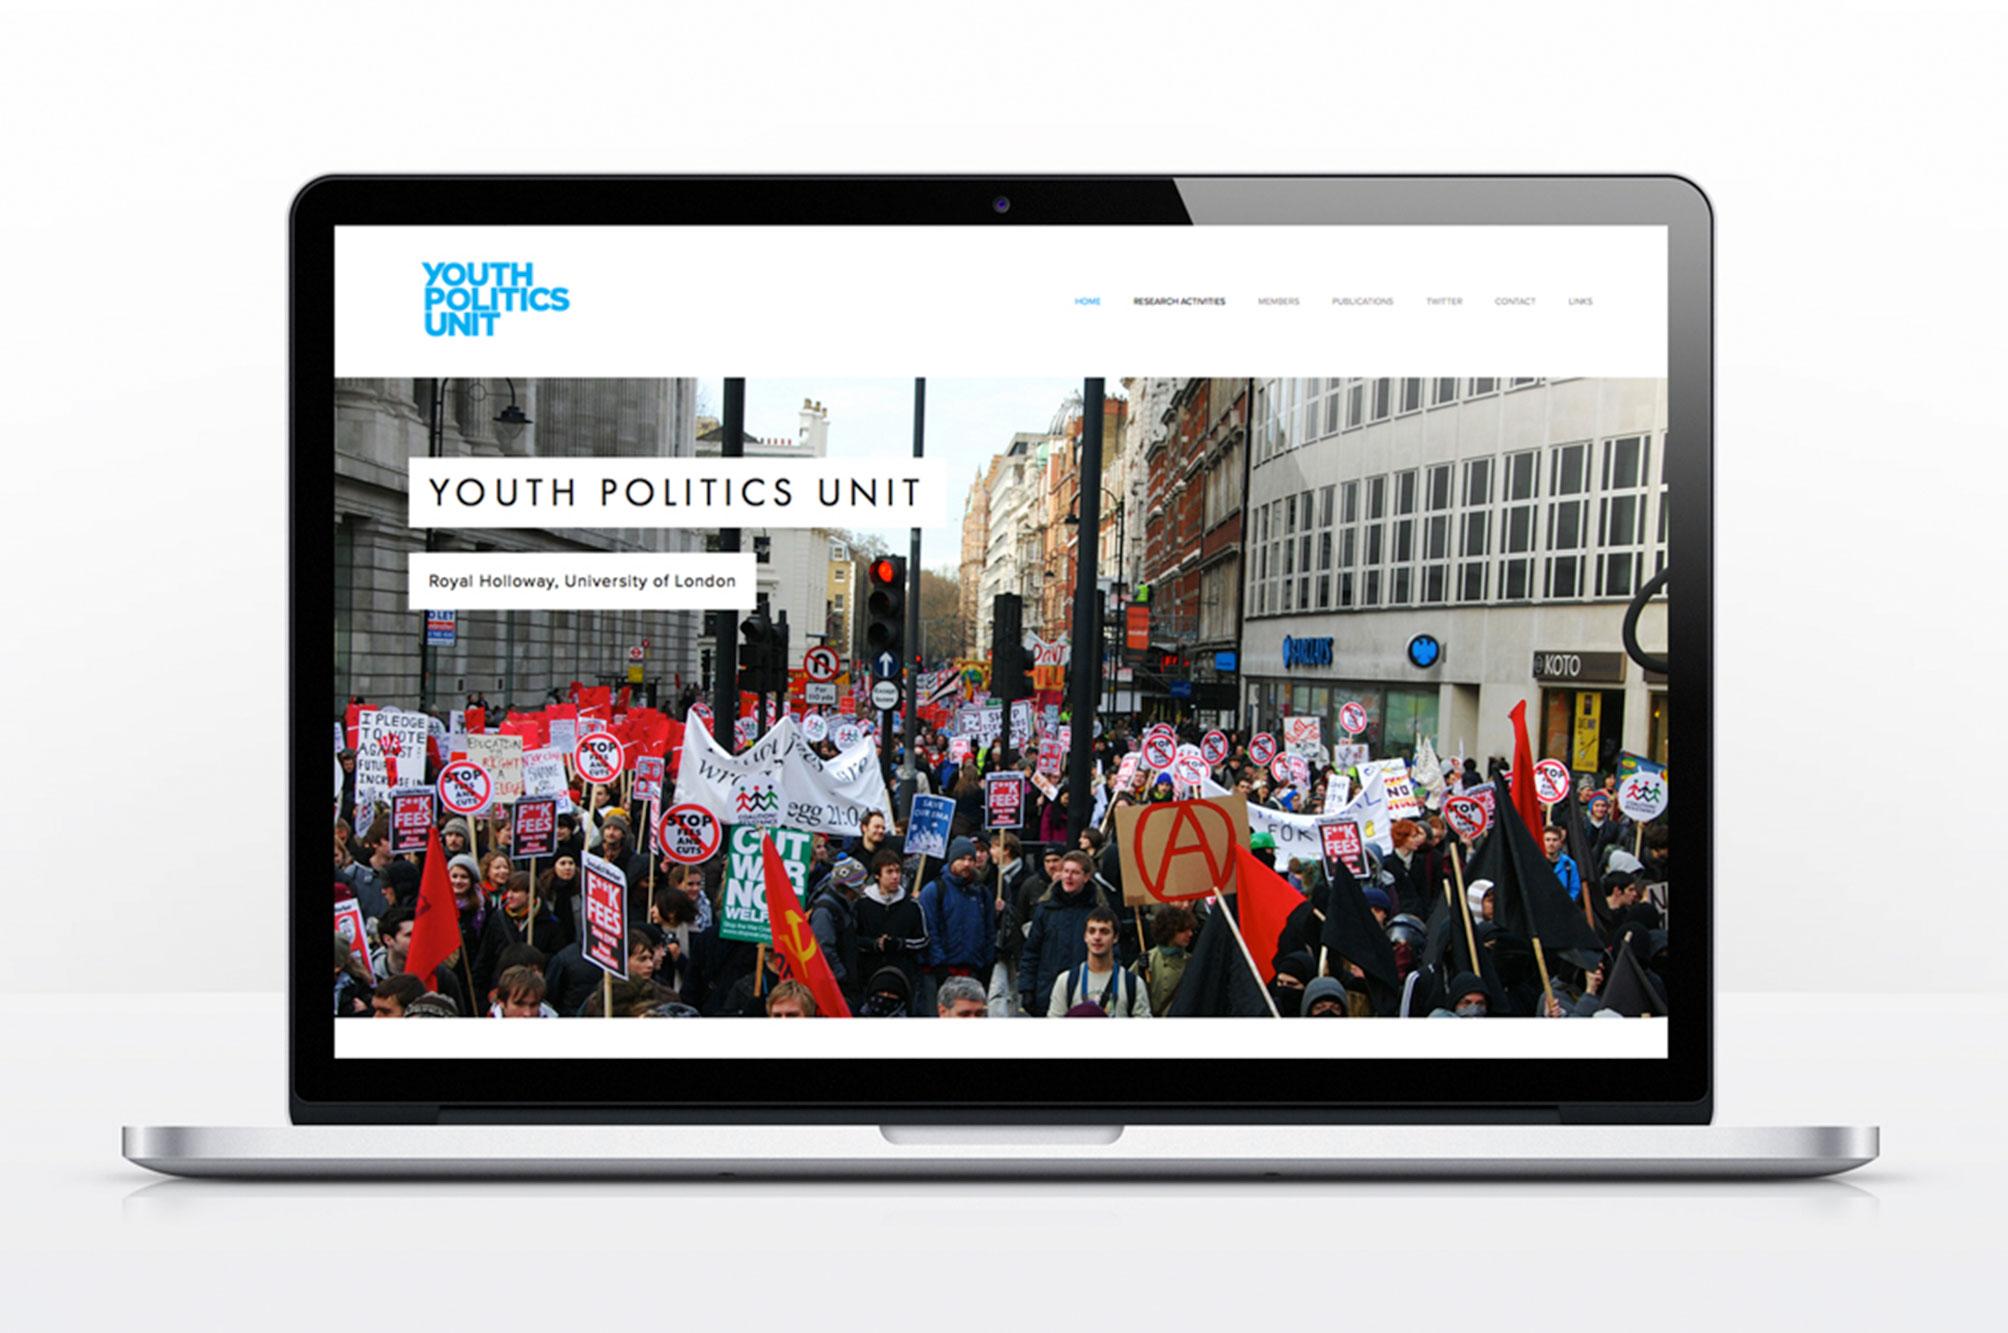 Youth Politics Unit logo on website background